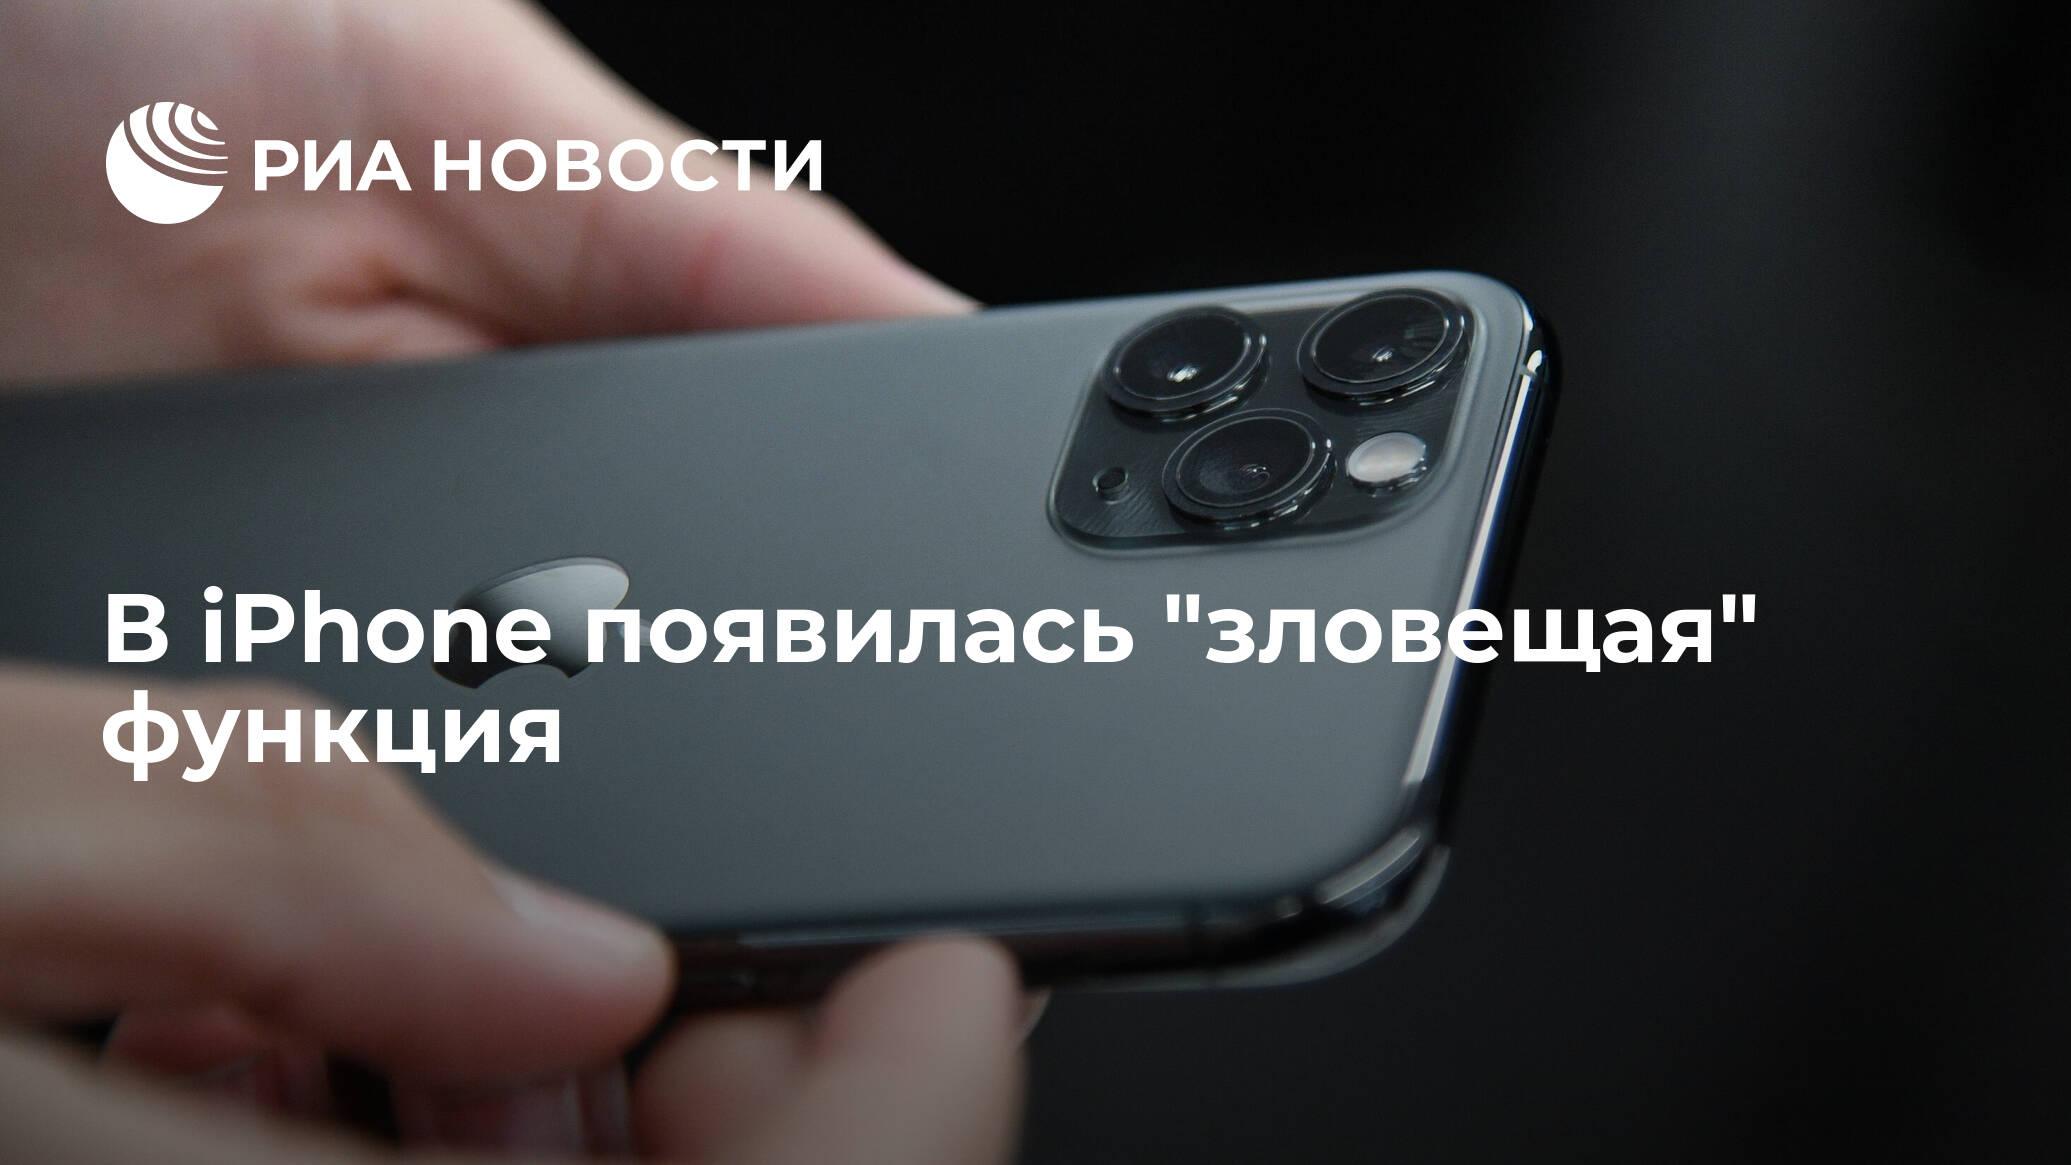 В iPhone появилась 'зловещая' функция - РИА НОВОСТИ